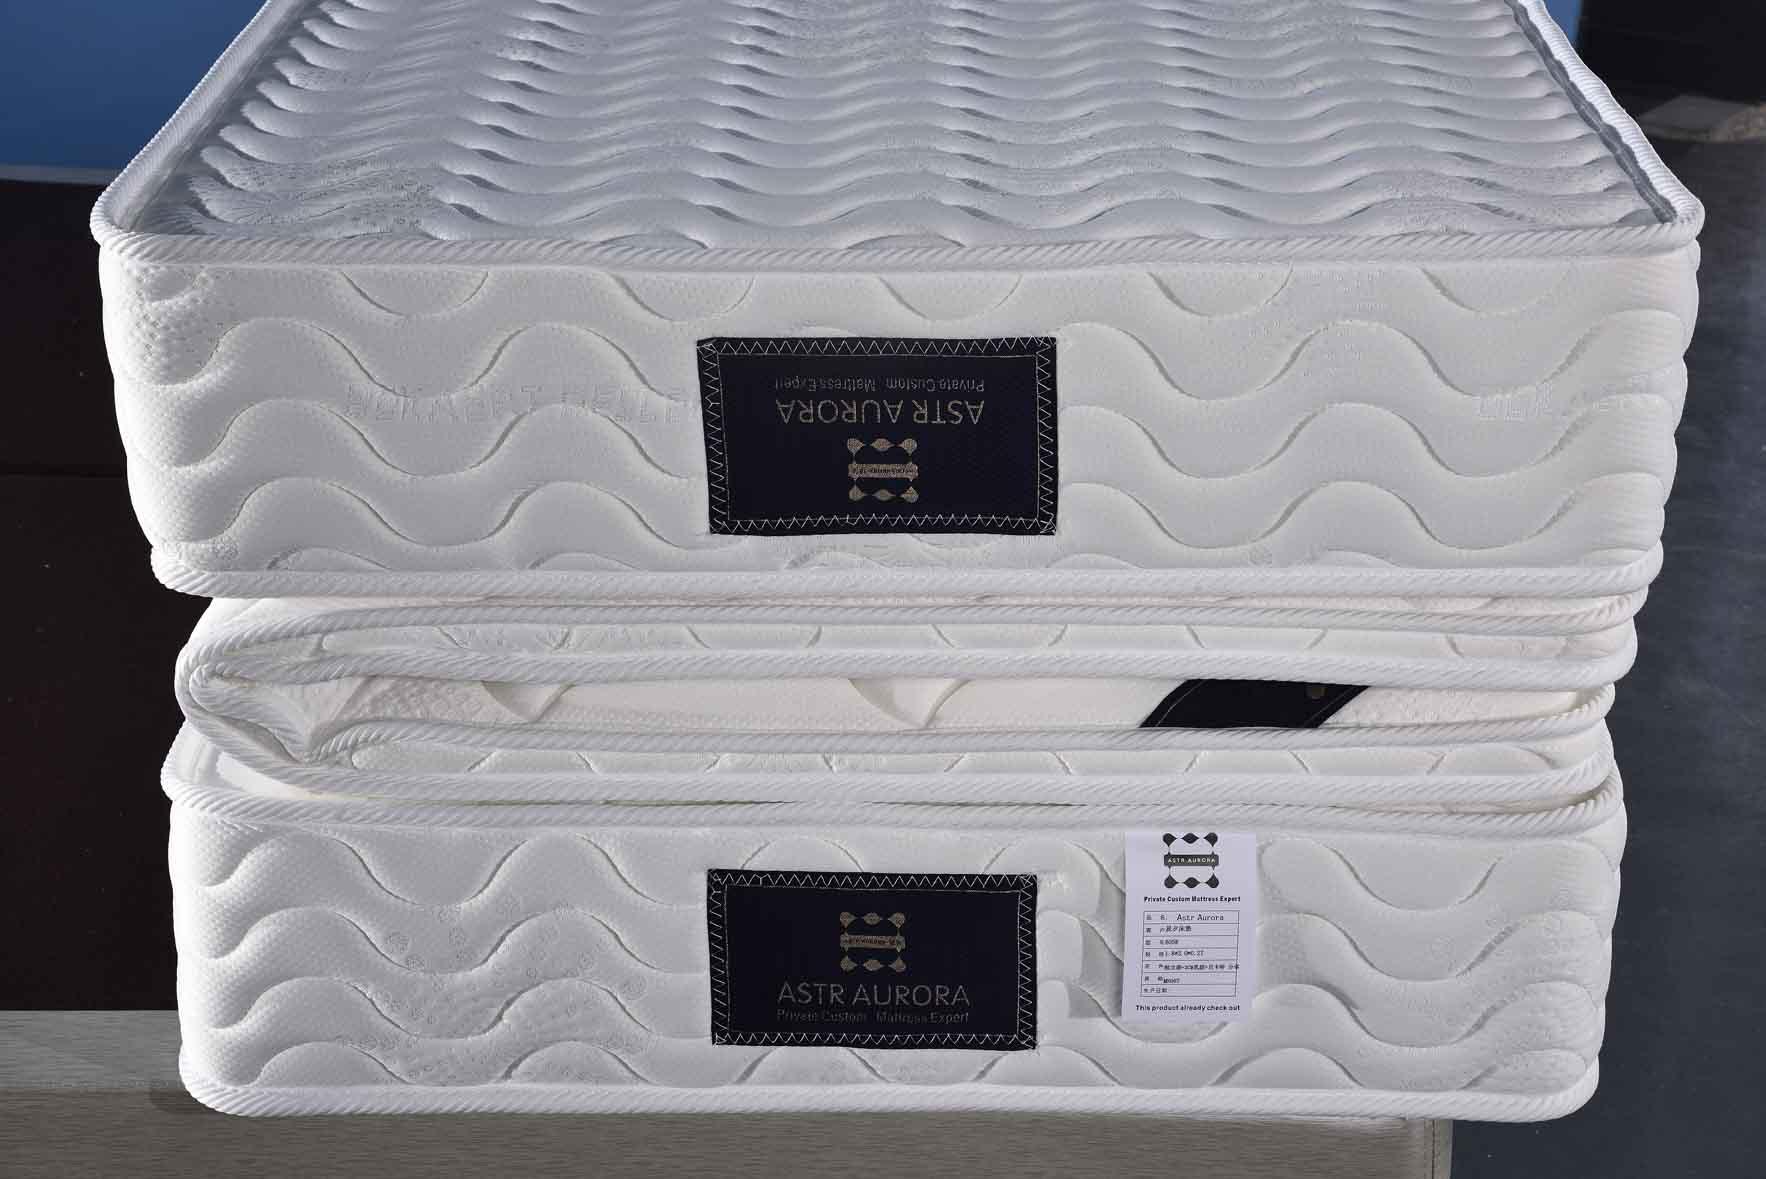 山东高品质弹簧床垫怎么样 苏州星夜家居科技供应